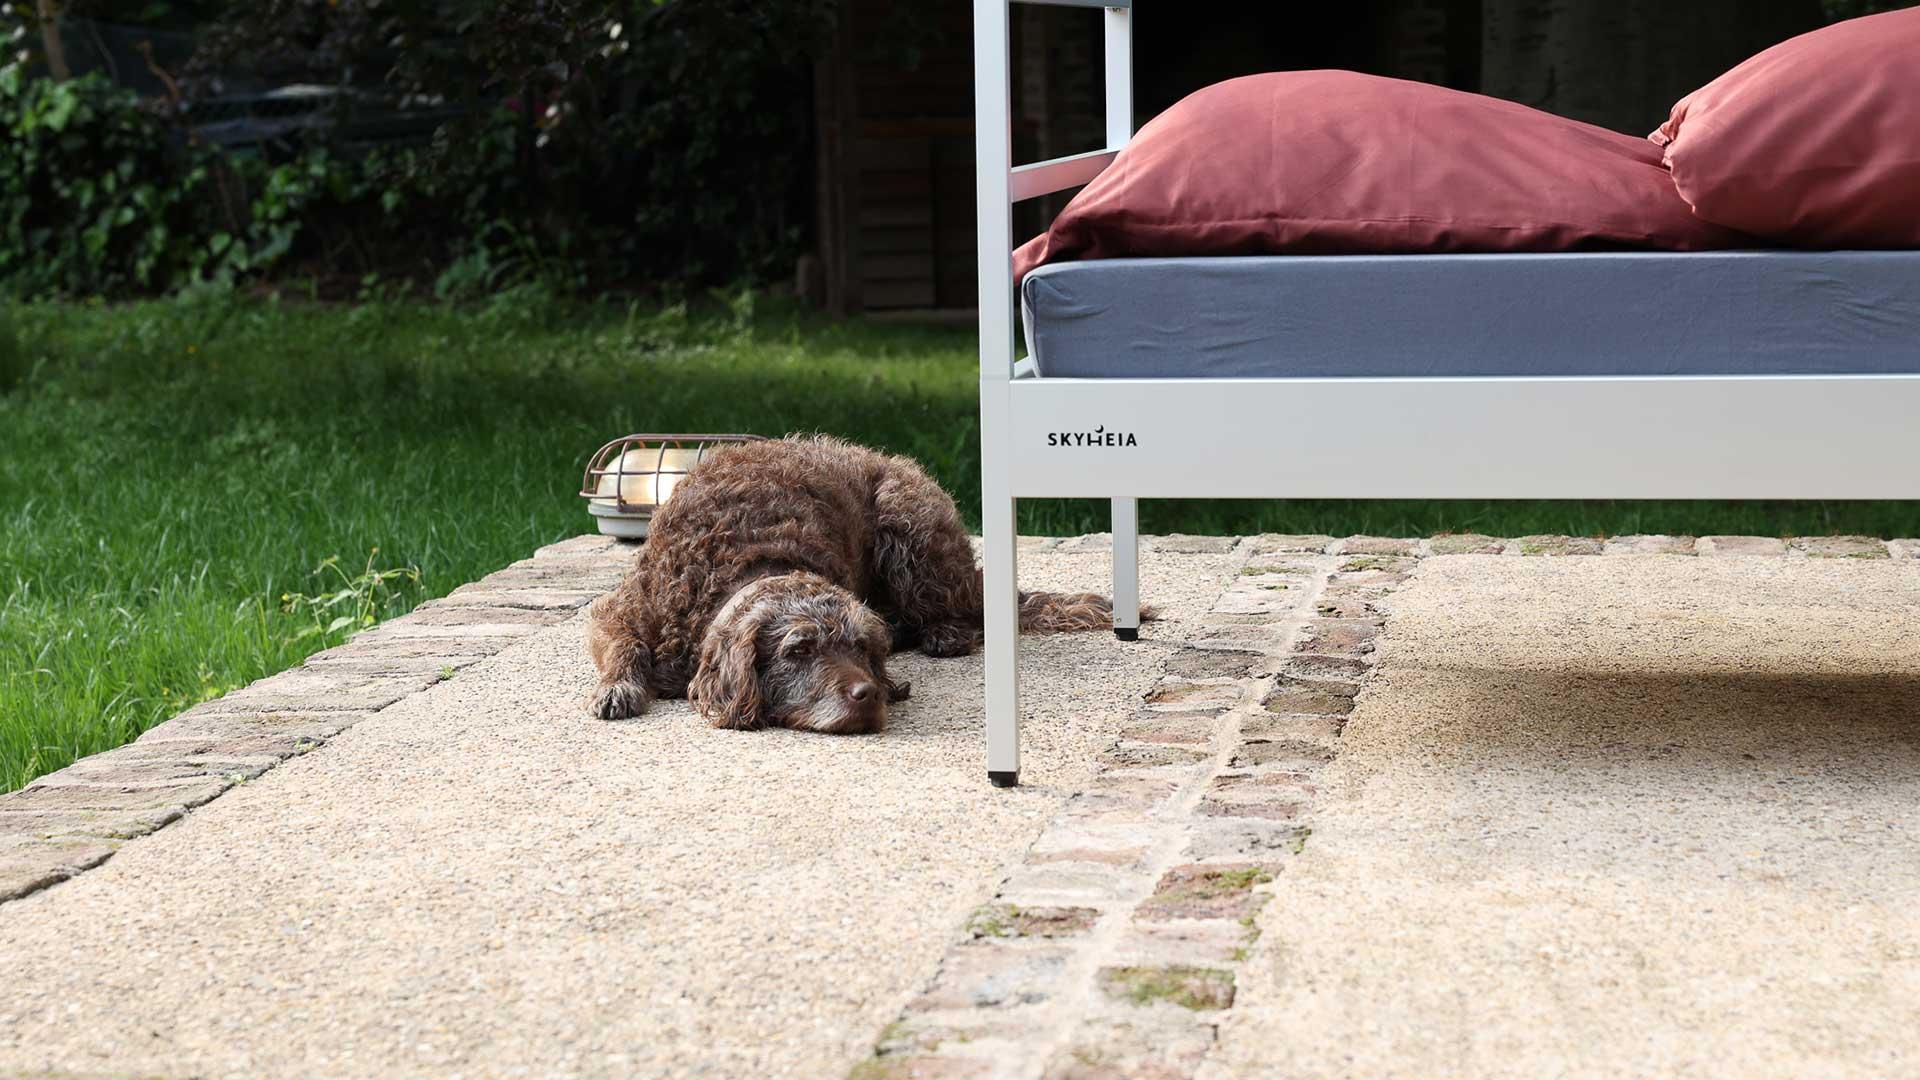 Auch Hunde wissen, wie gemütlich und begehrt die SkyHeia ist. Deswegen passen sie gerne auf das kostbare Bett auf.